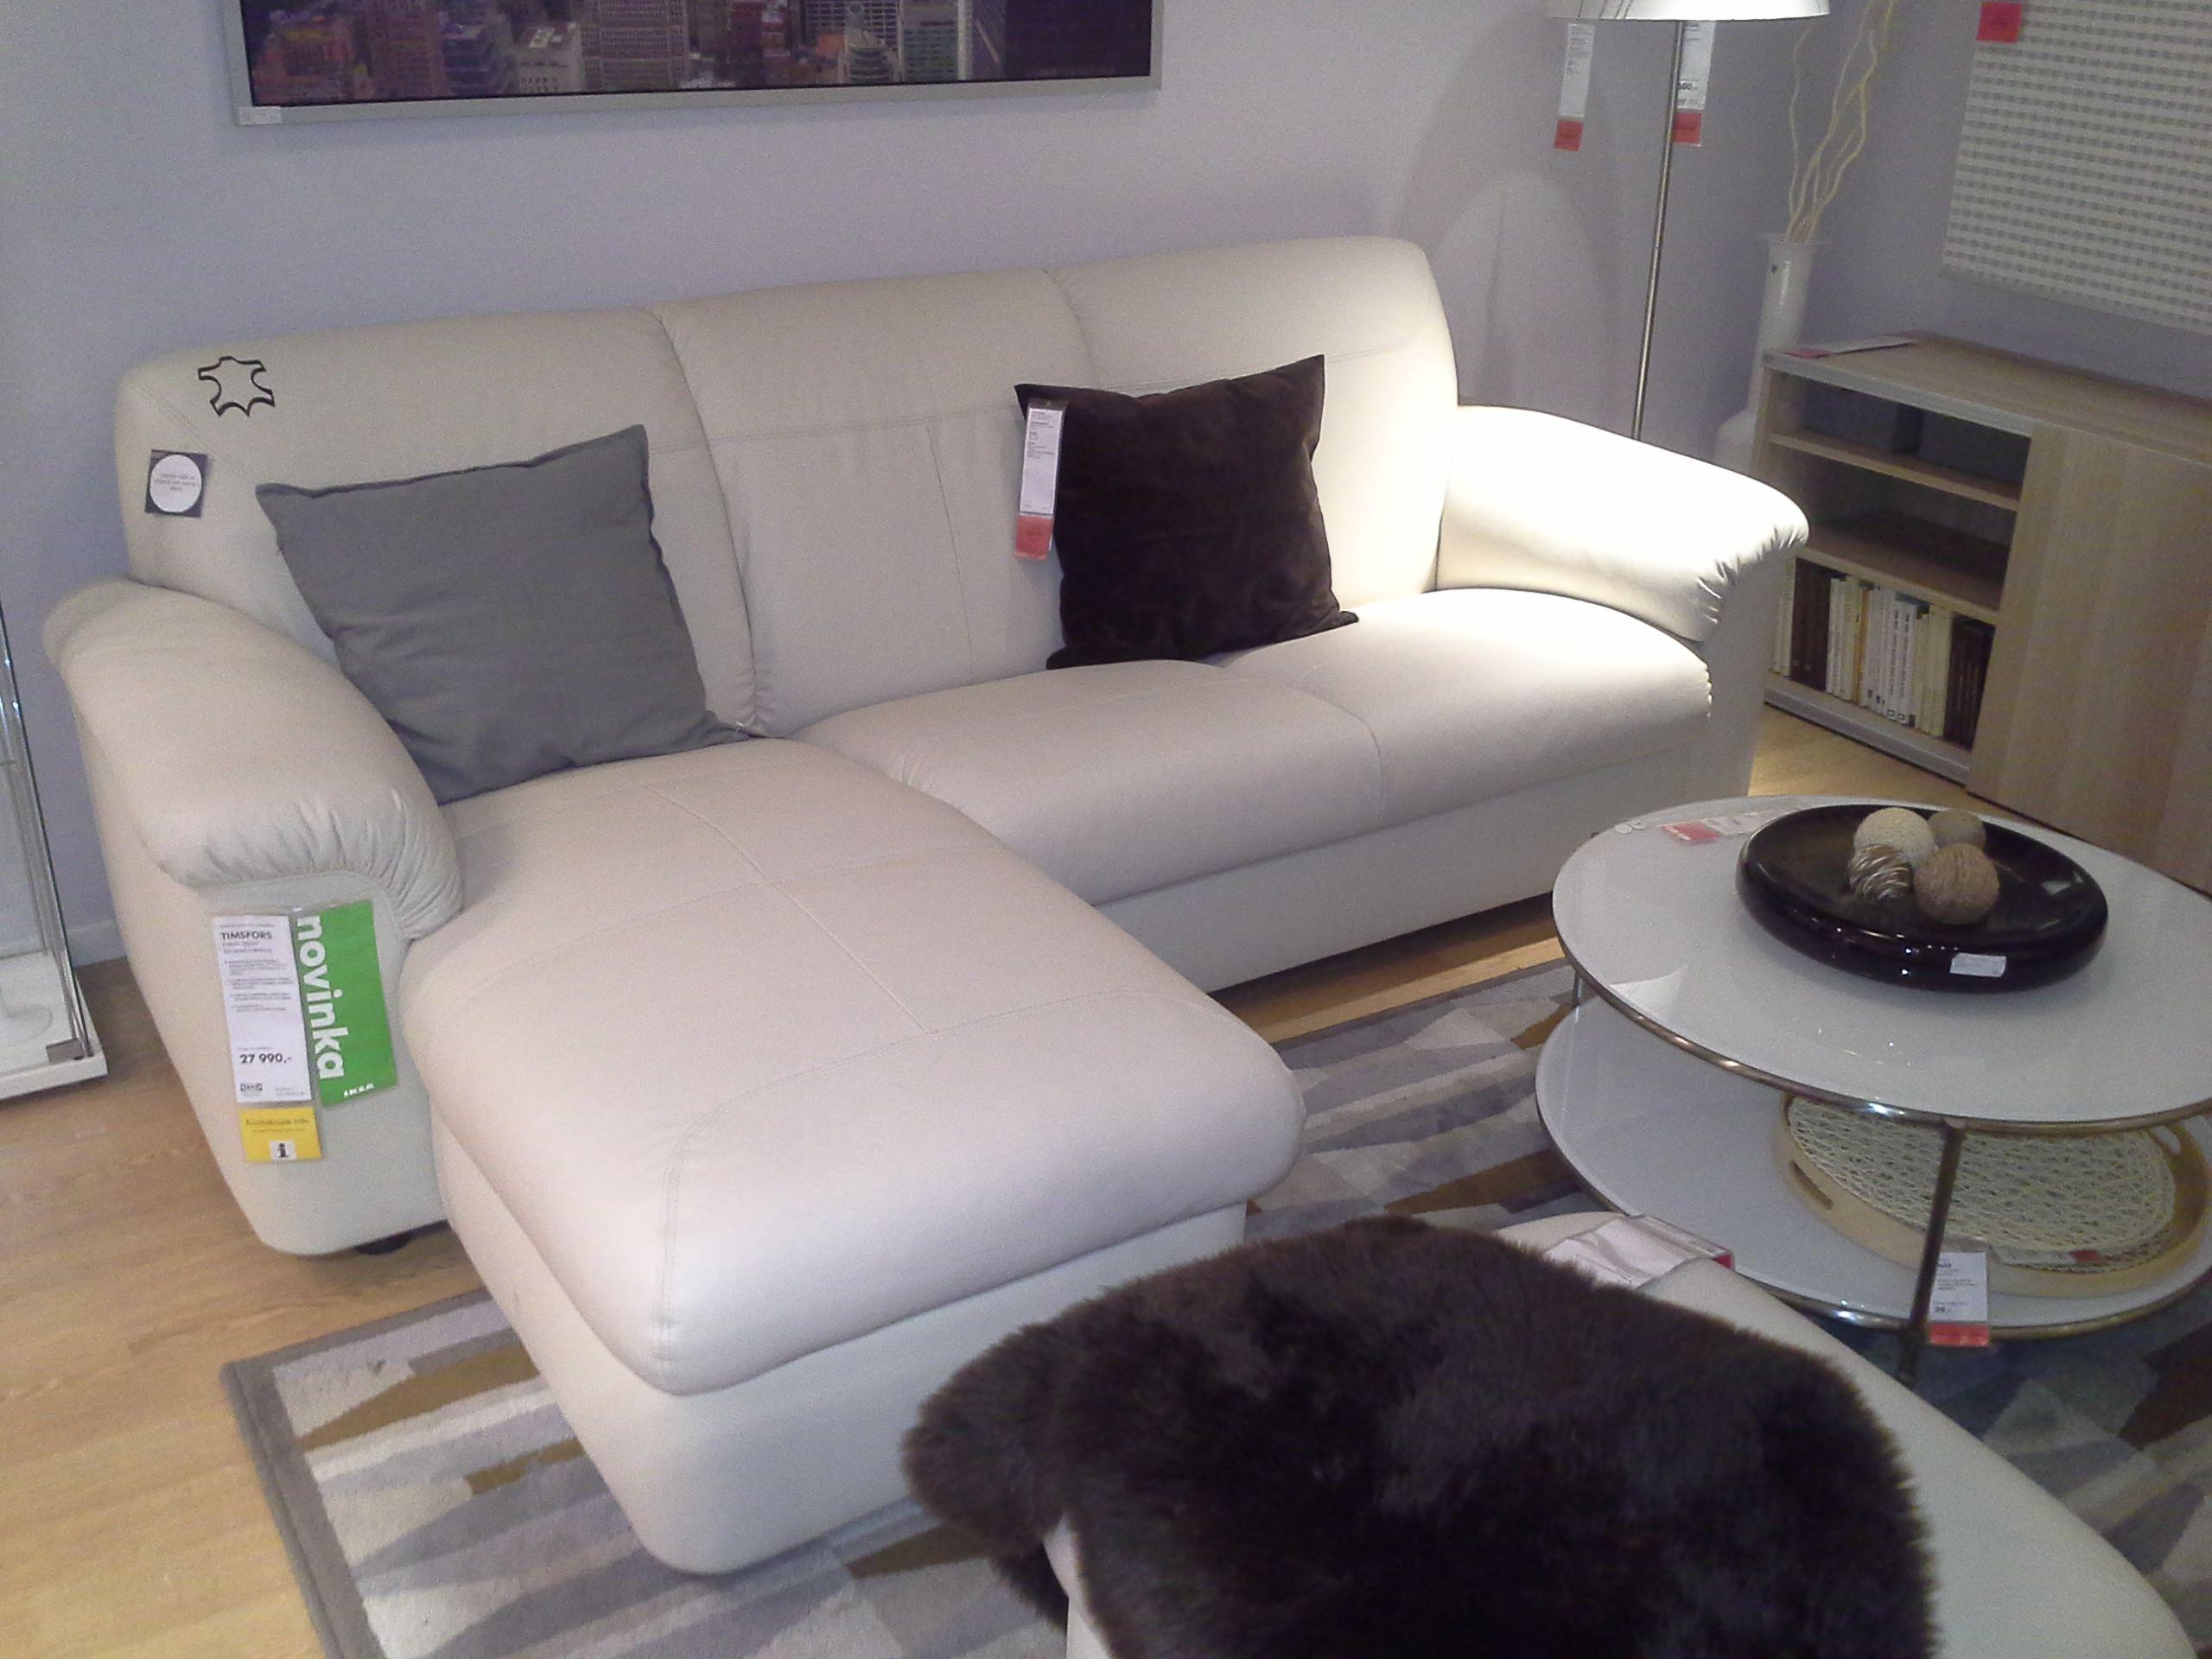 Ordnungssysteme Ikea sedací souprava ikea timsfors 2 místná pohovka s lenoškou barva